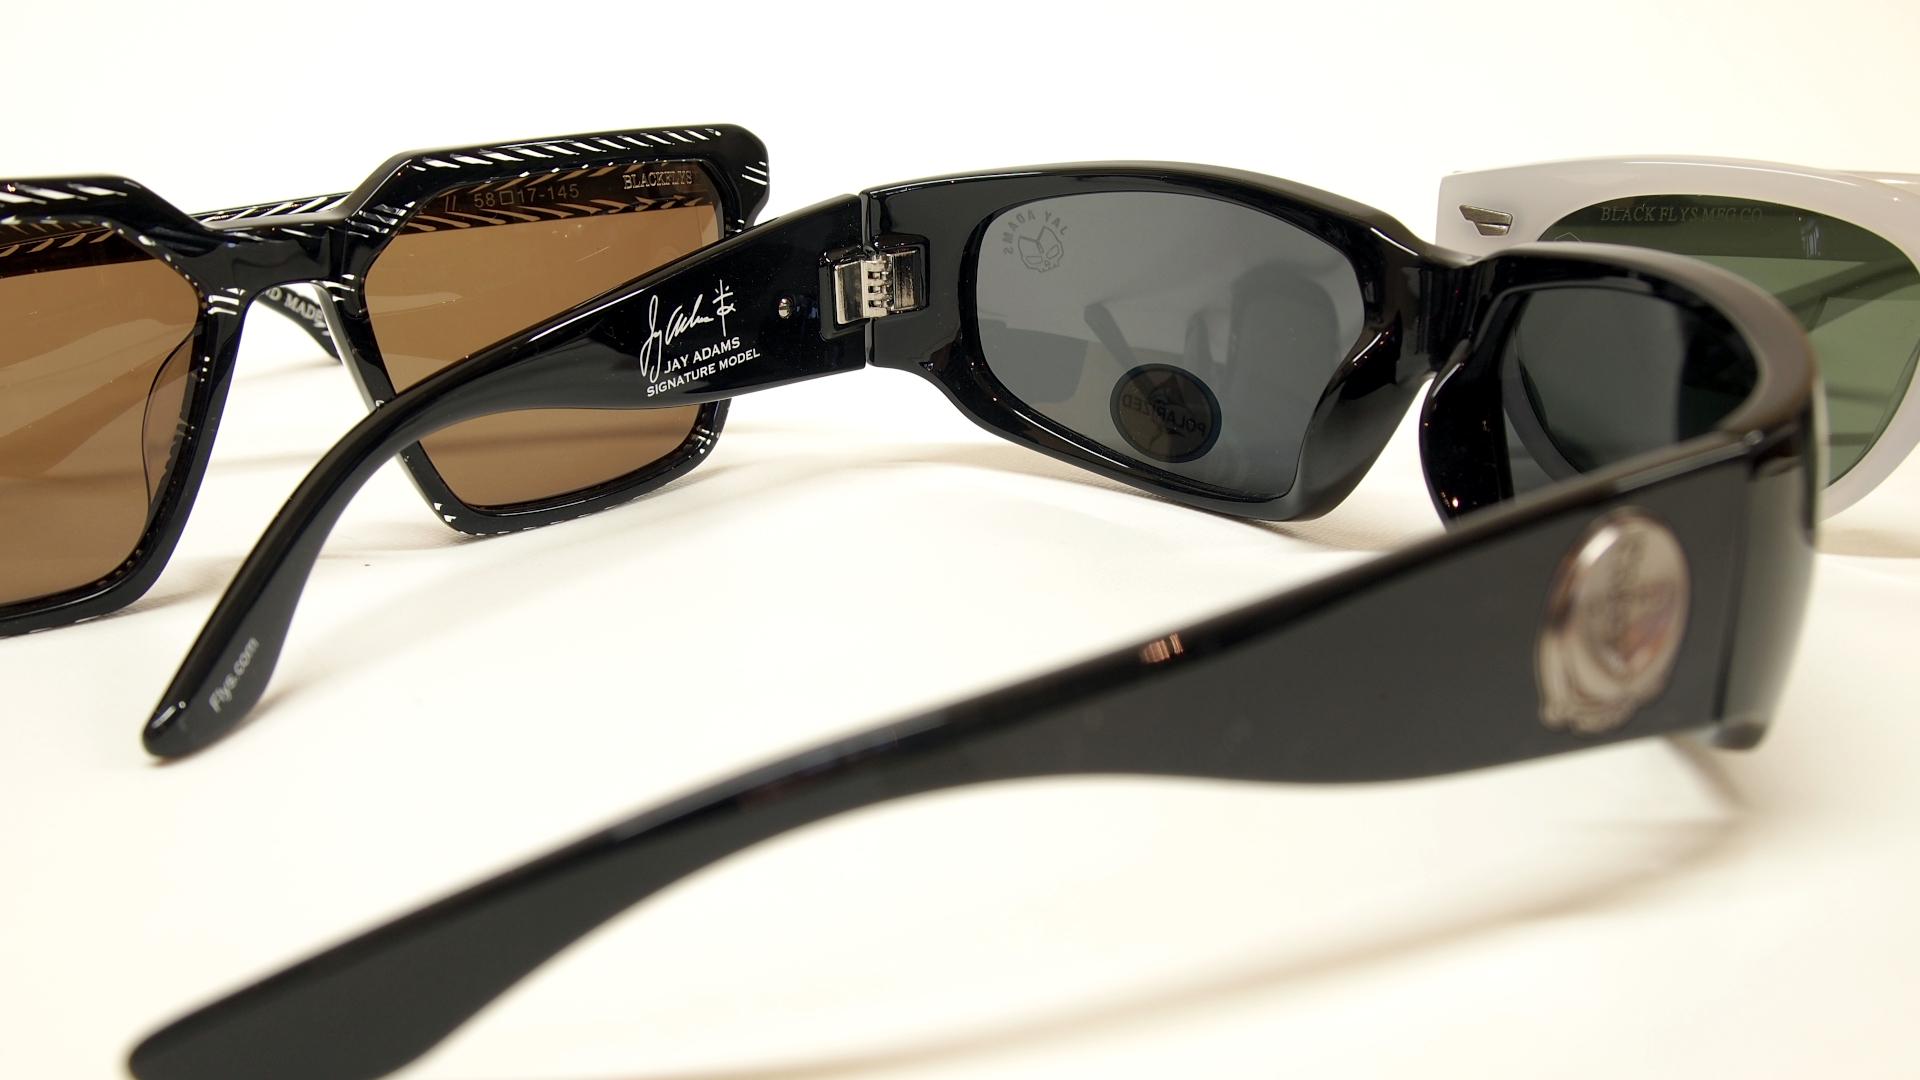 おシャレなサングラス BLACKFLYS | 静岡市 海野眼鏡店